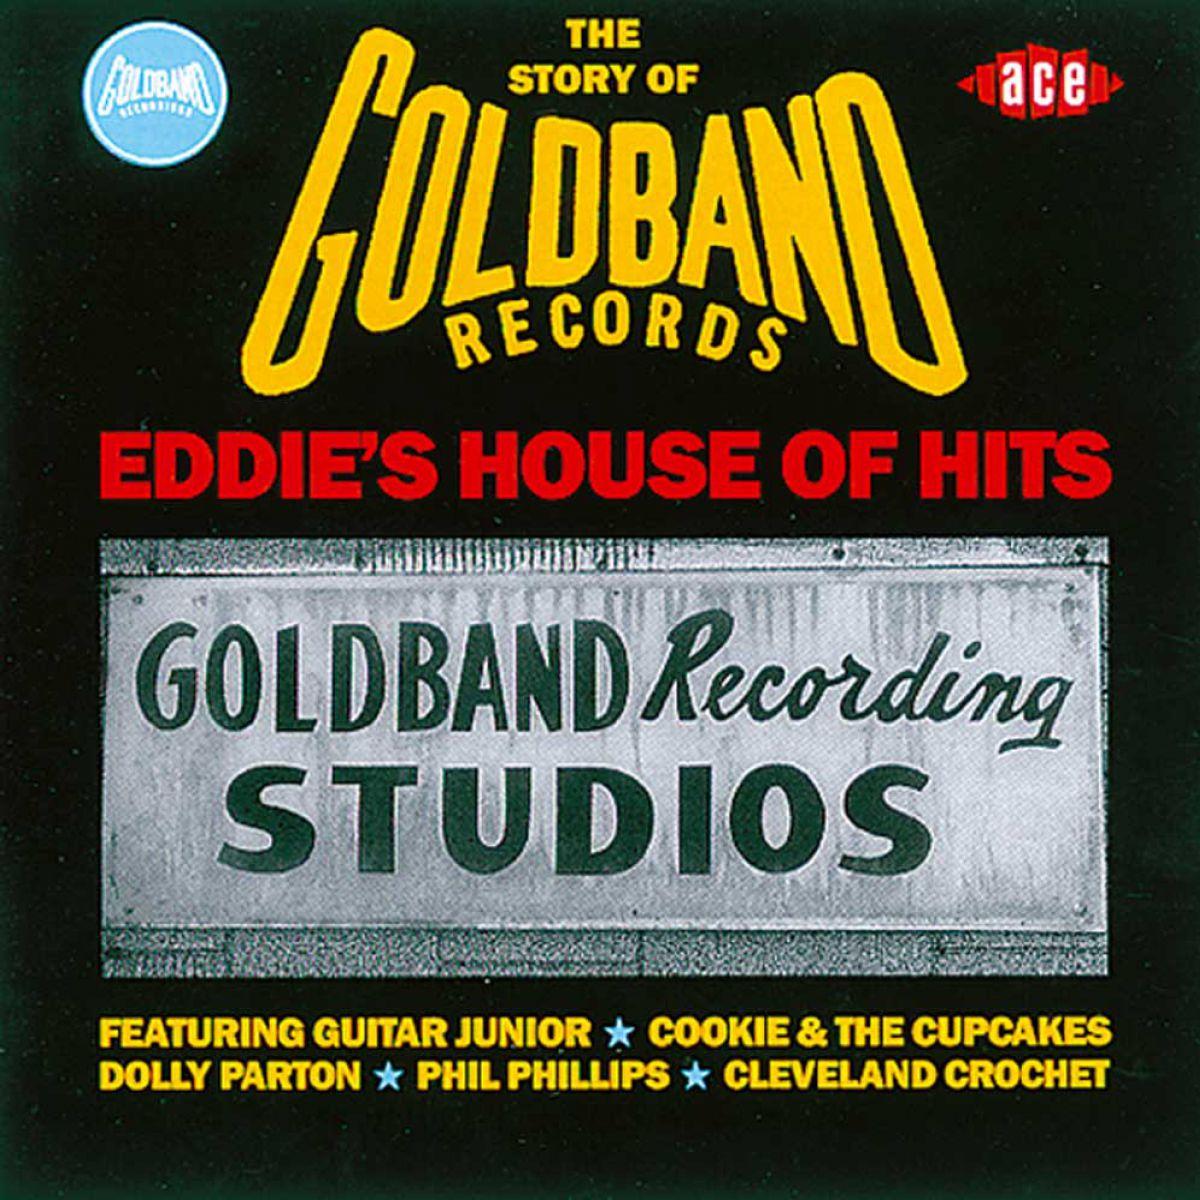 EddiesHouseOfHits-CD_1200_1200